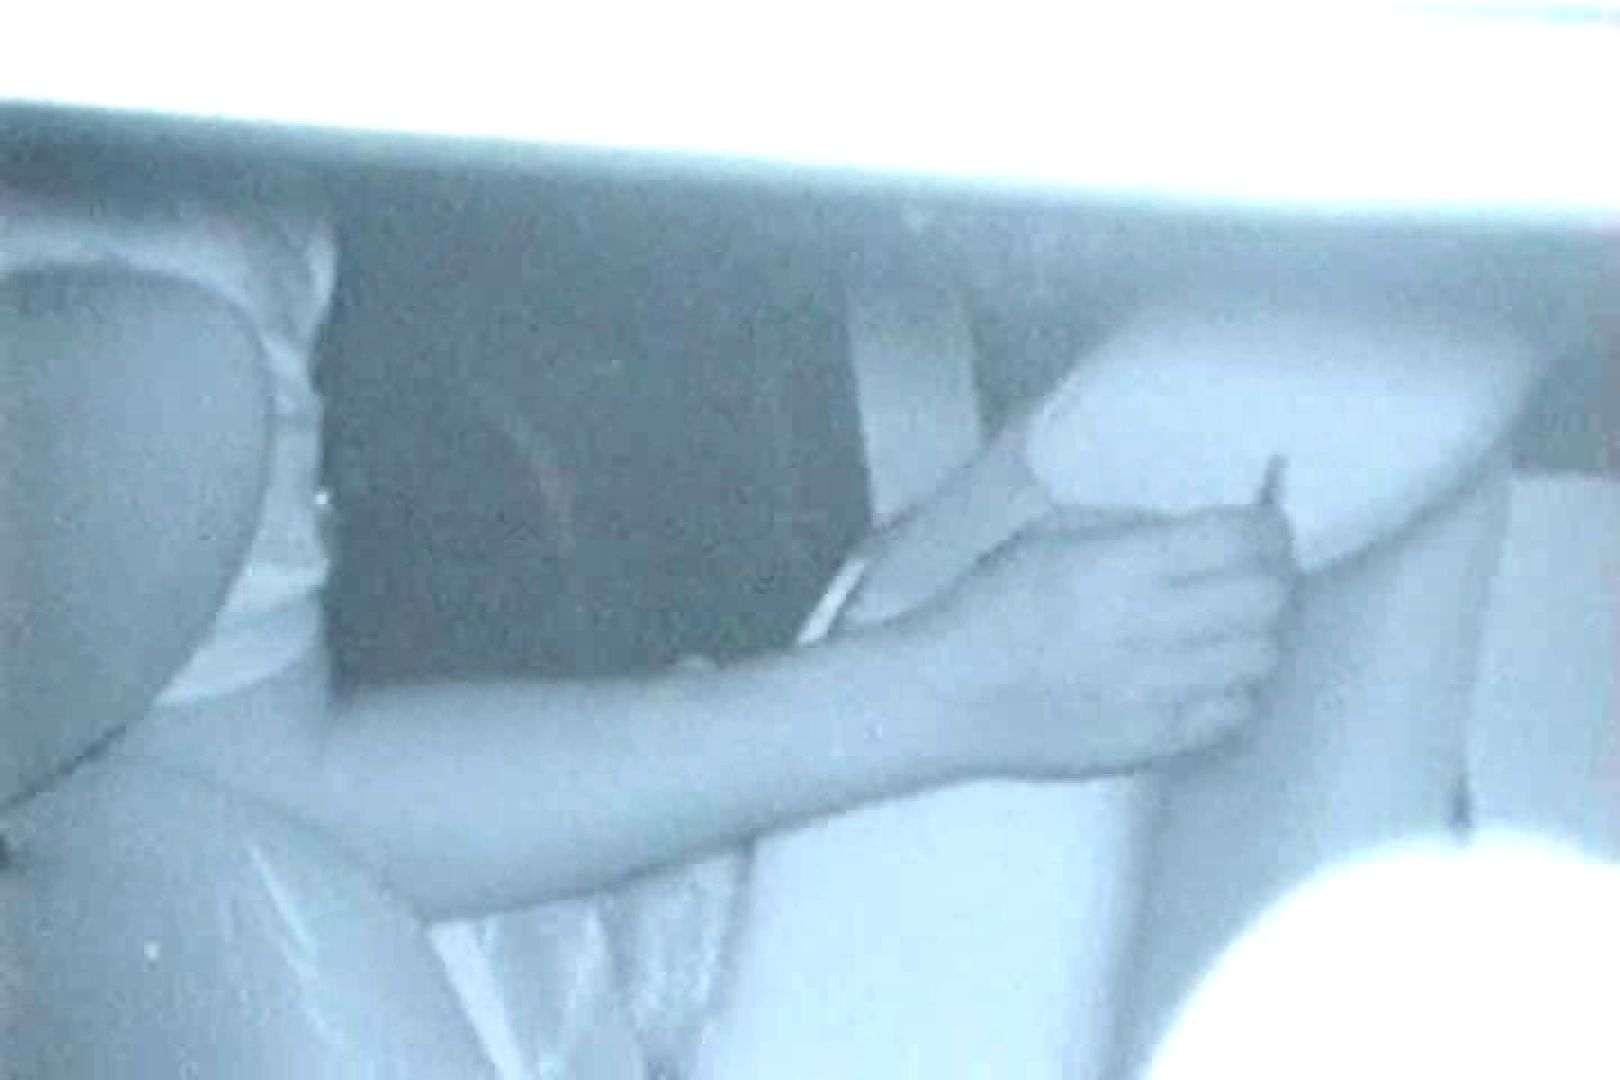 充血監督の深夜の運動会Vol.130 カップル盗撮 ワレメ無修正動画無料 105画像 68